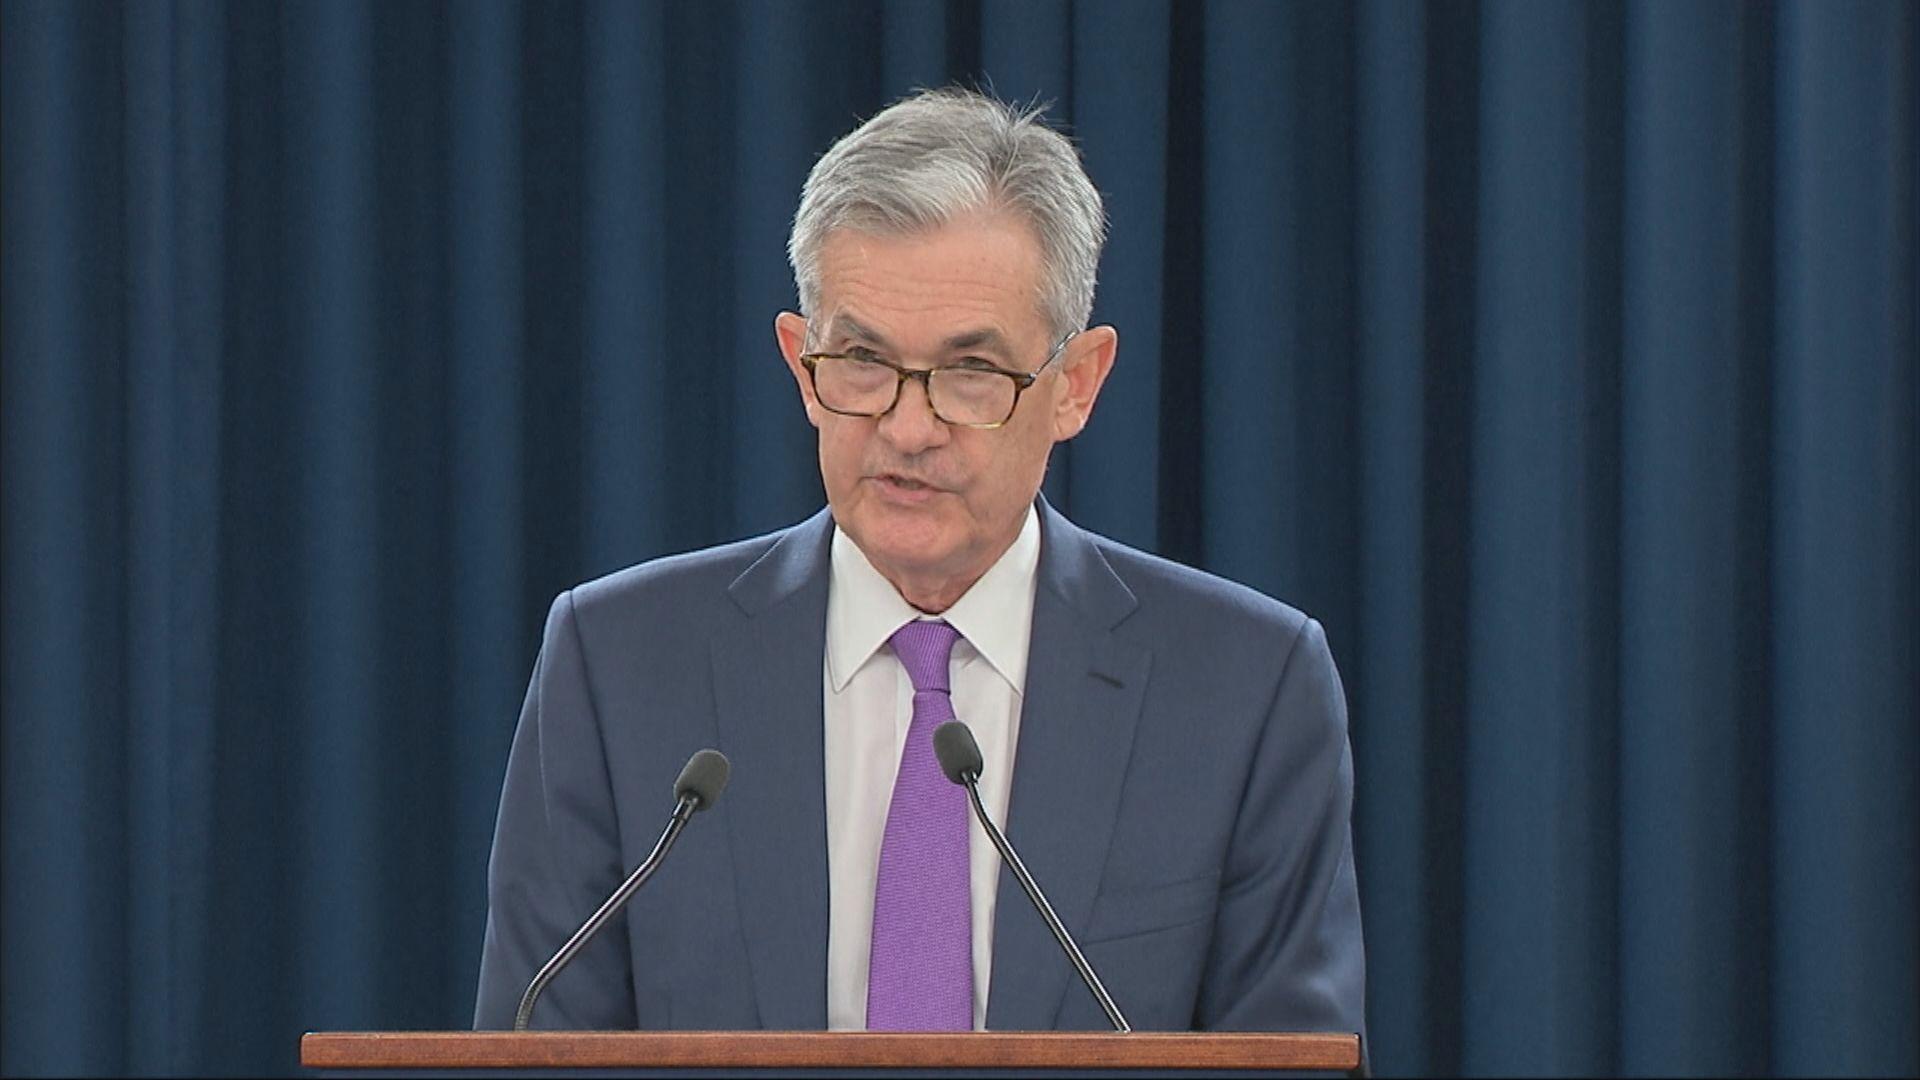 鮑威爾:美國經濟完全復甦還有很長的路要走